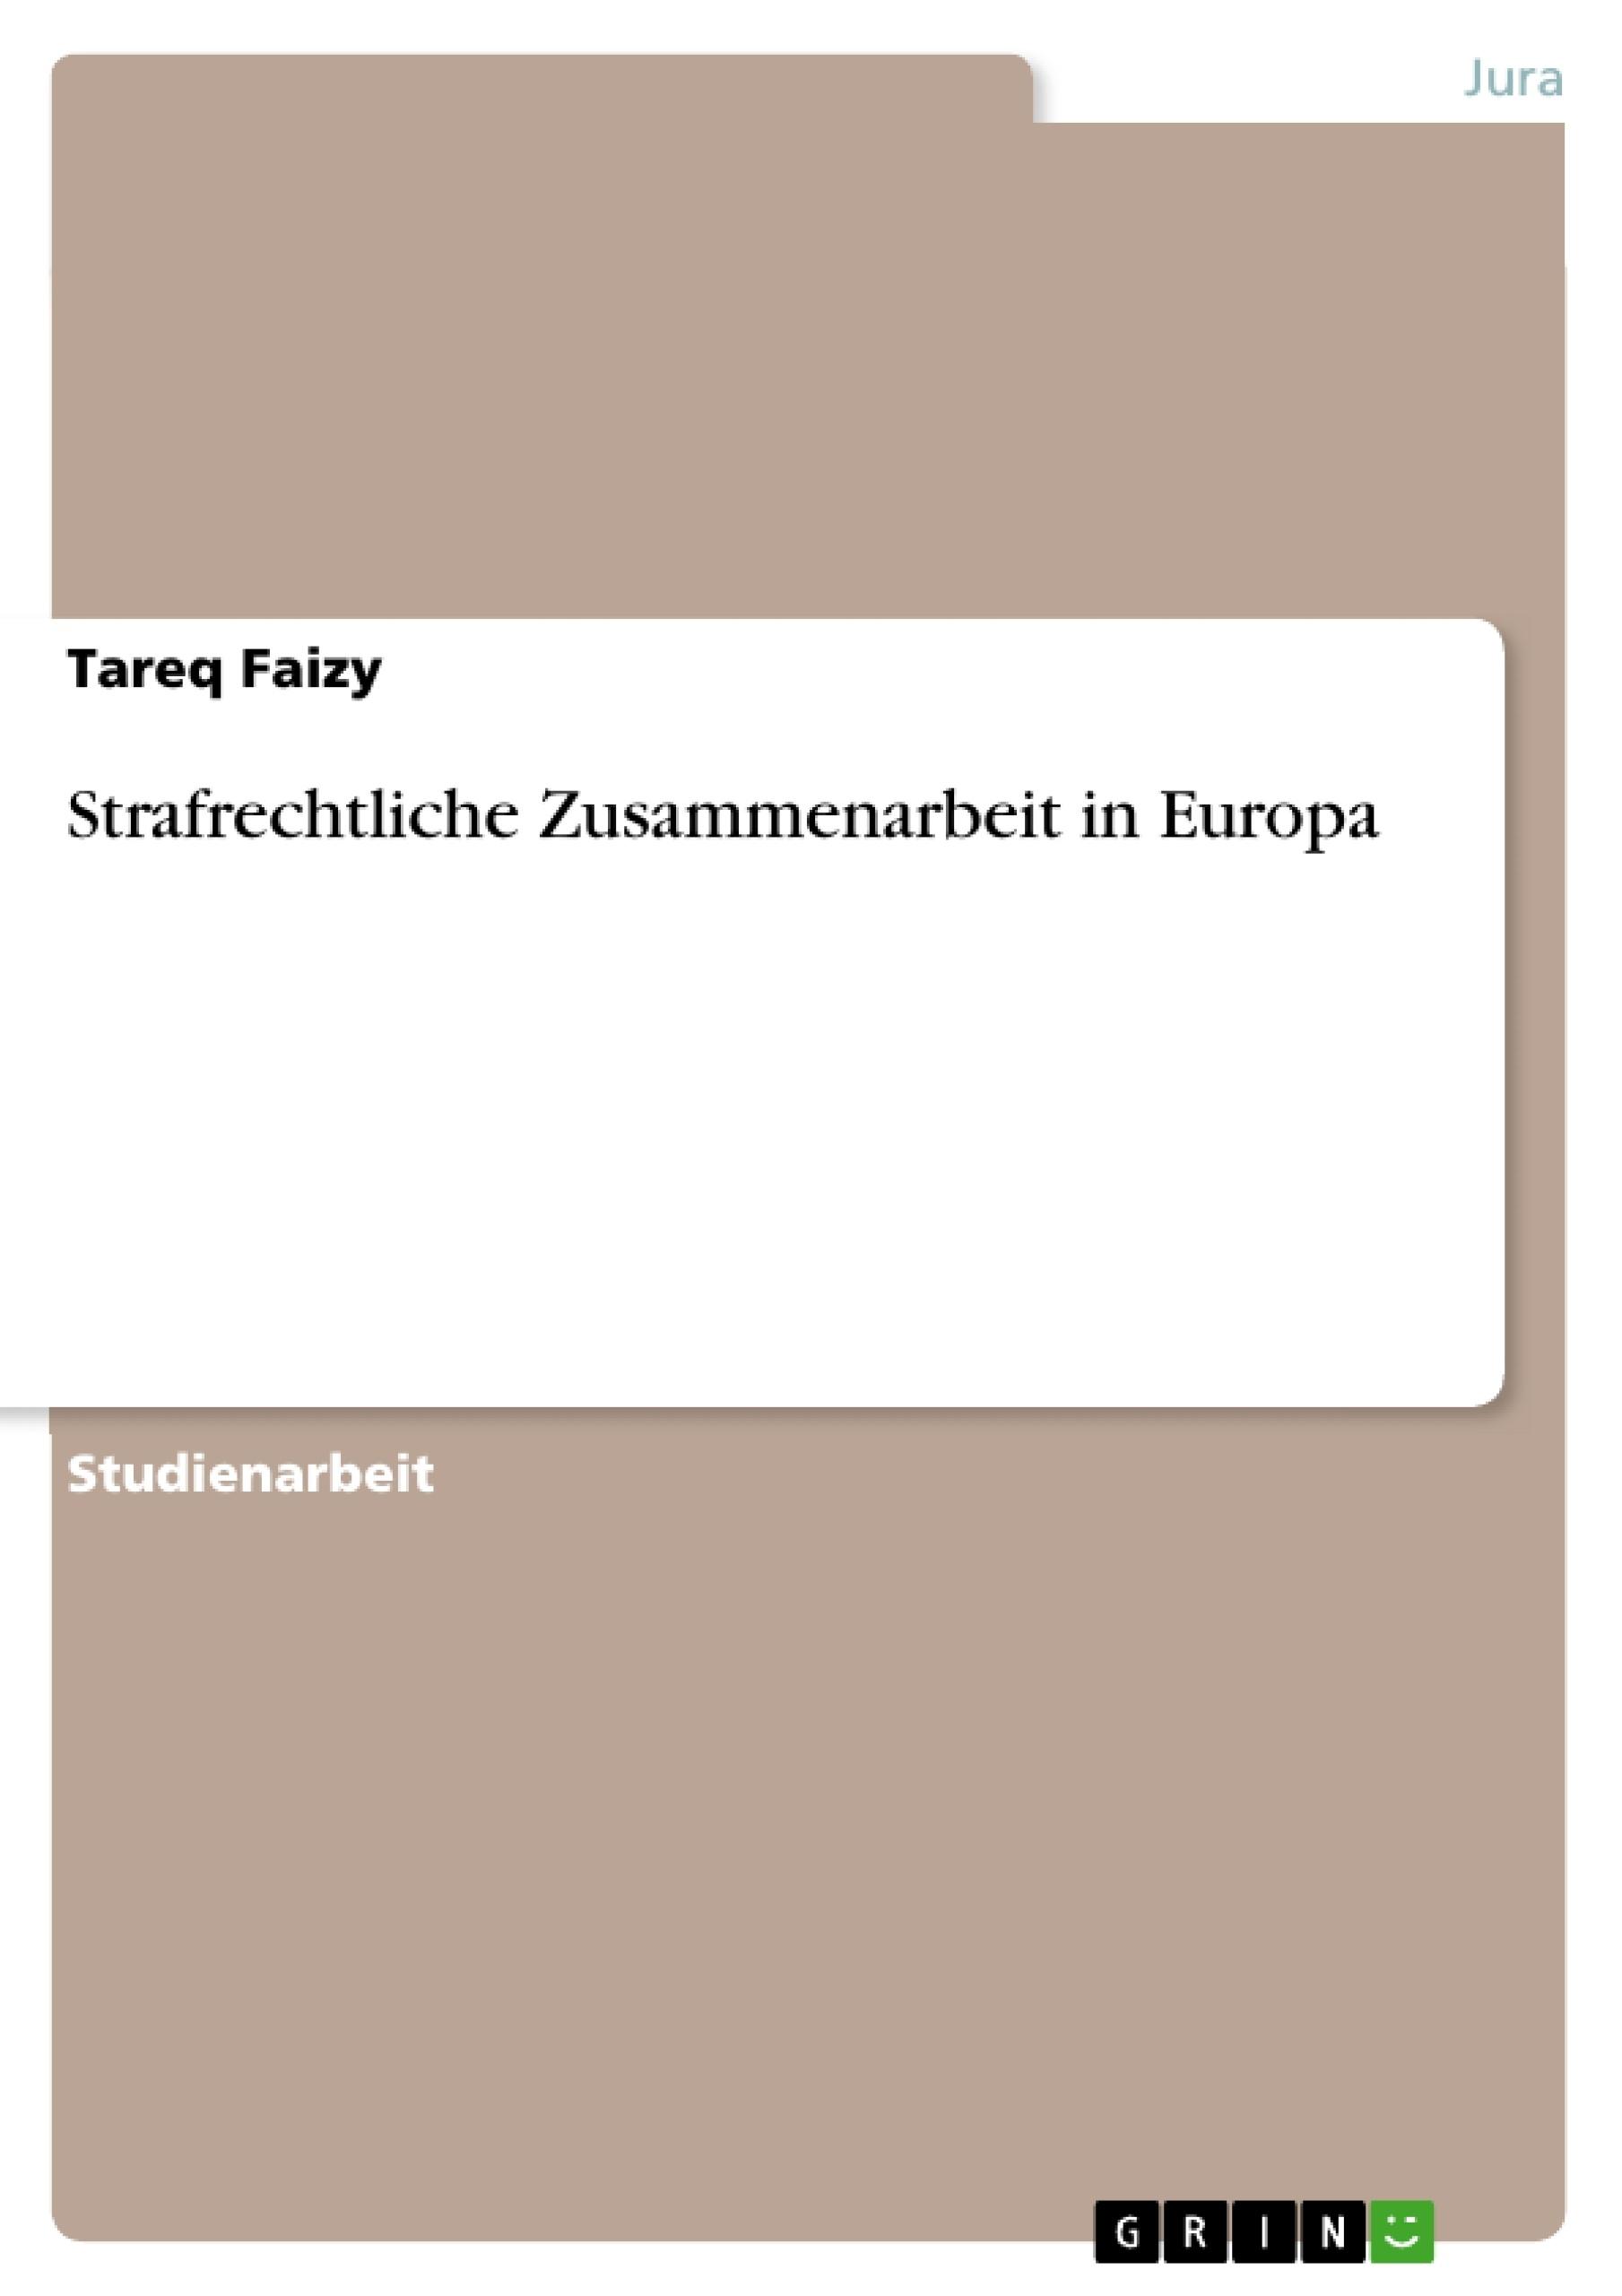 Titel: Strafrechtliche Zusammenarbeit in Europa